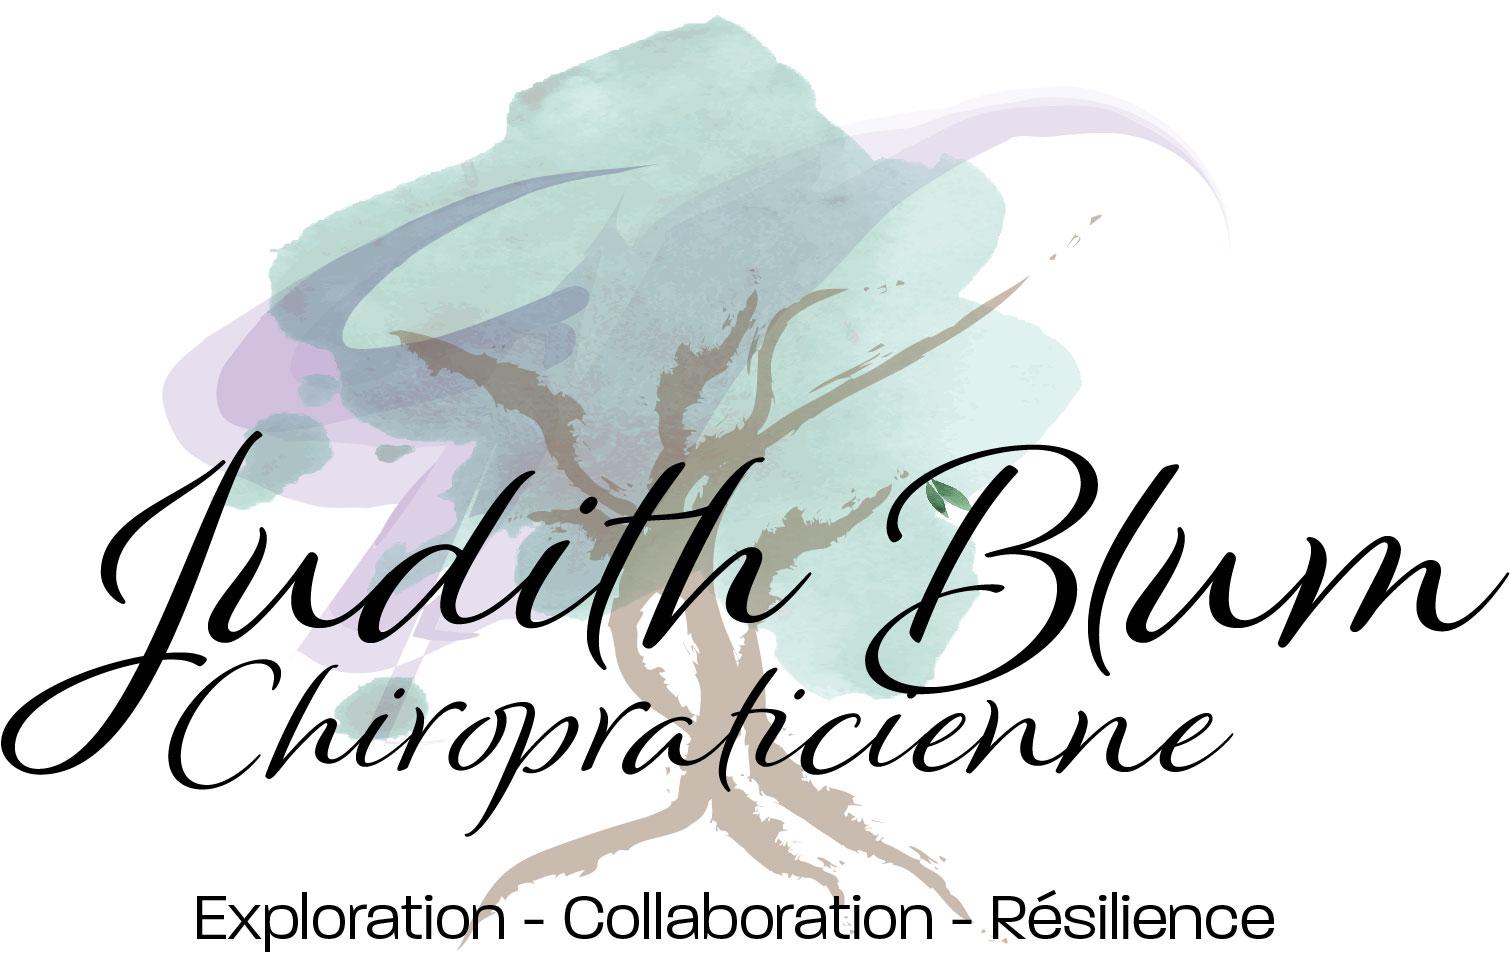 Judith Blum, Chiropraticienne